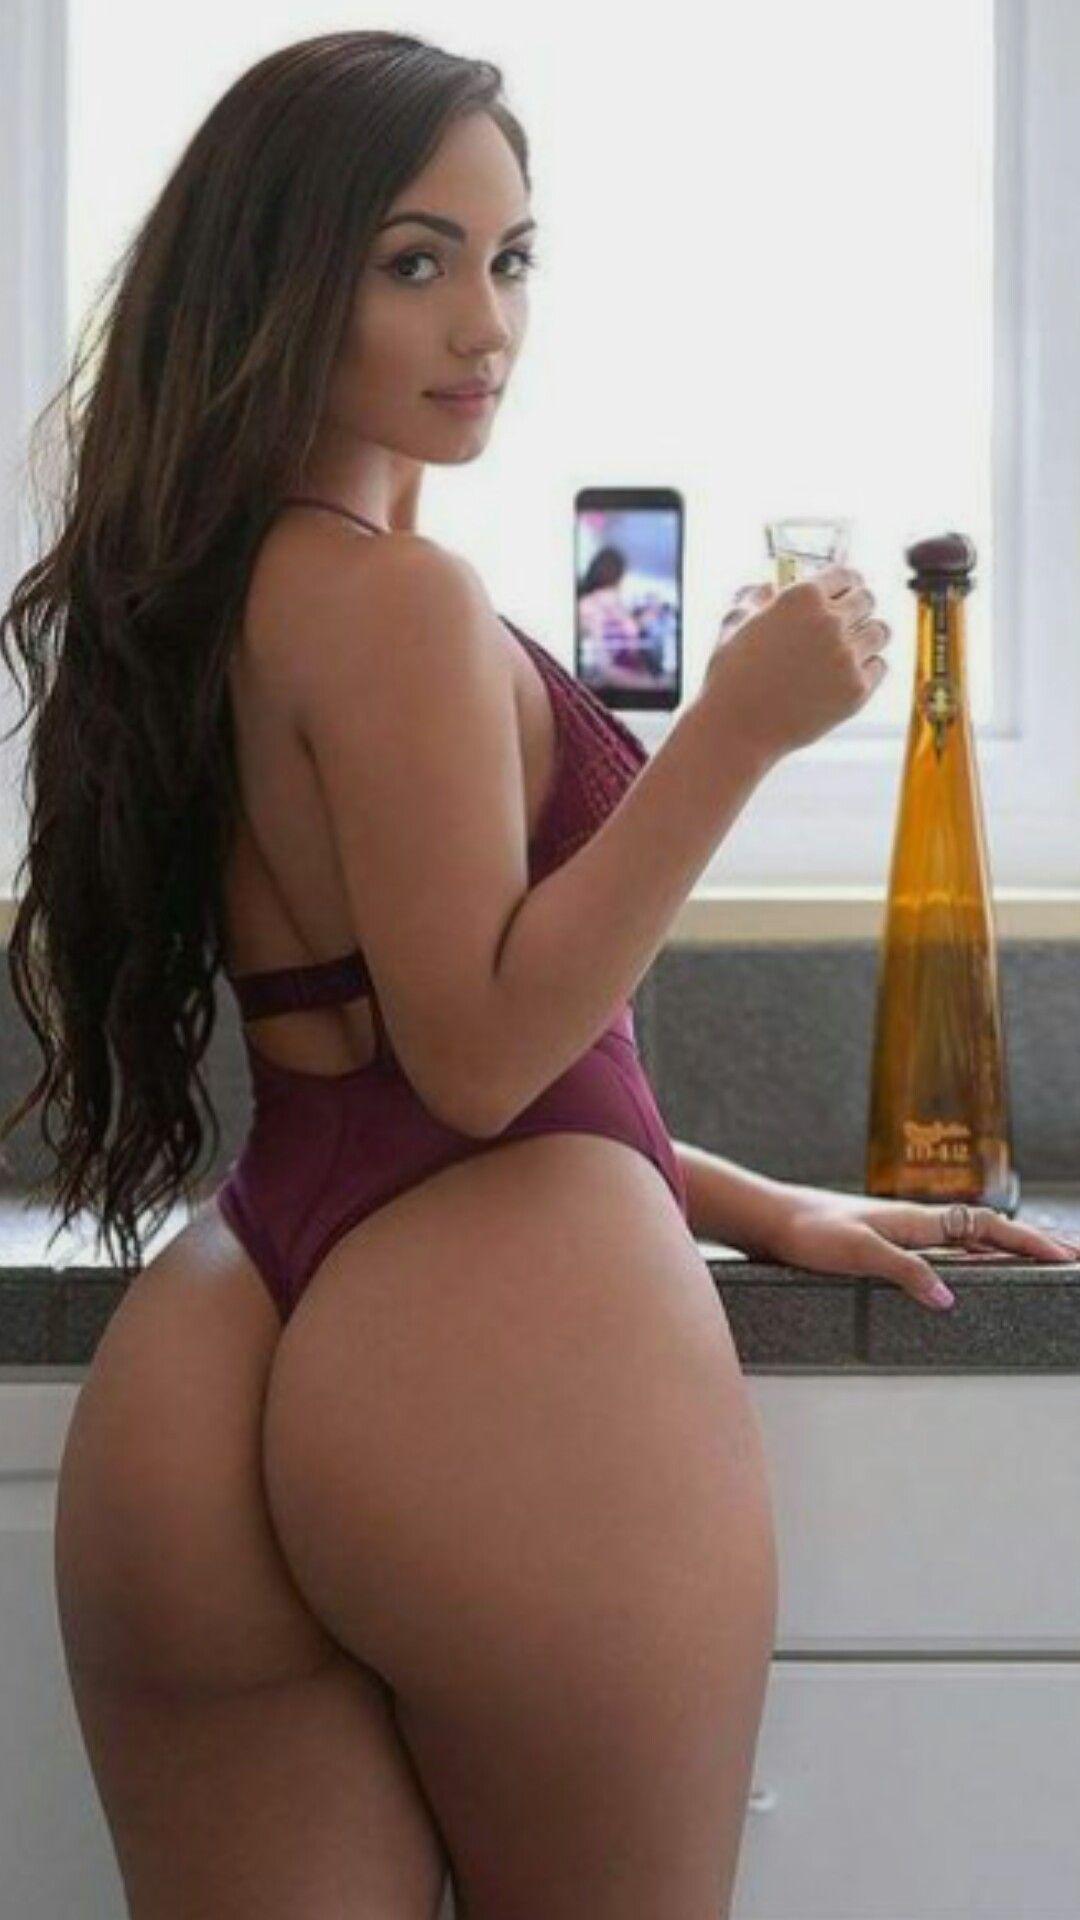 Average chubby girl nude